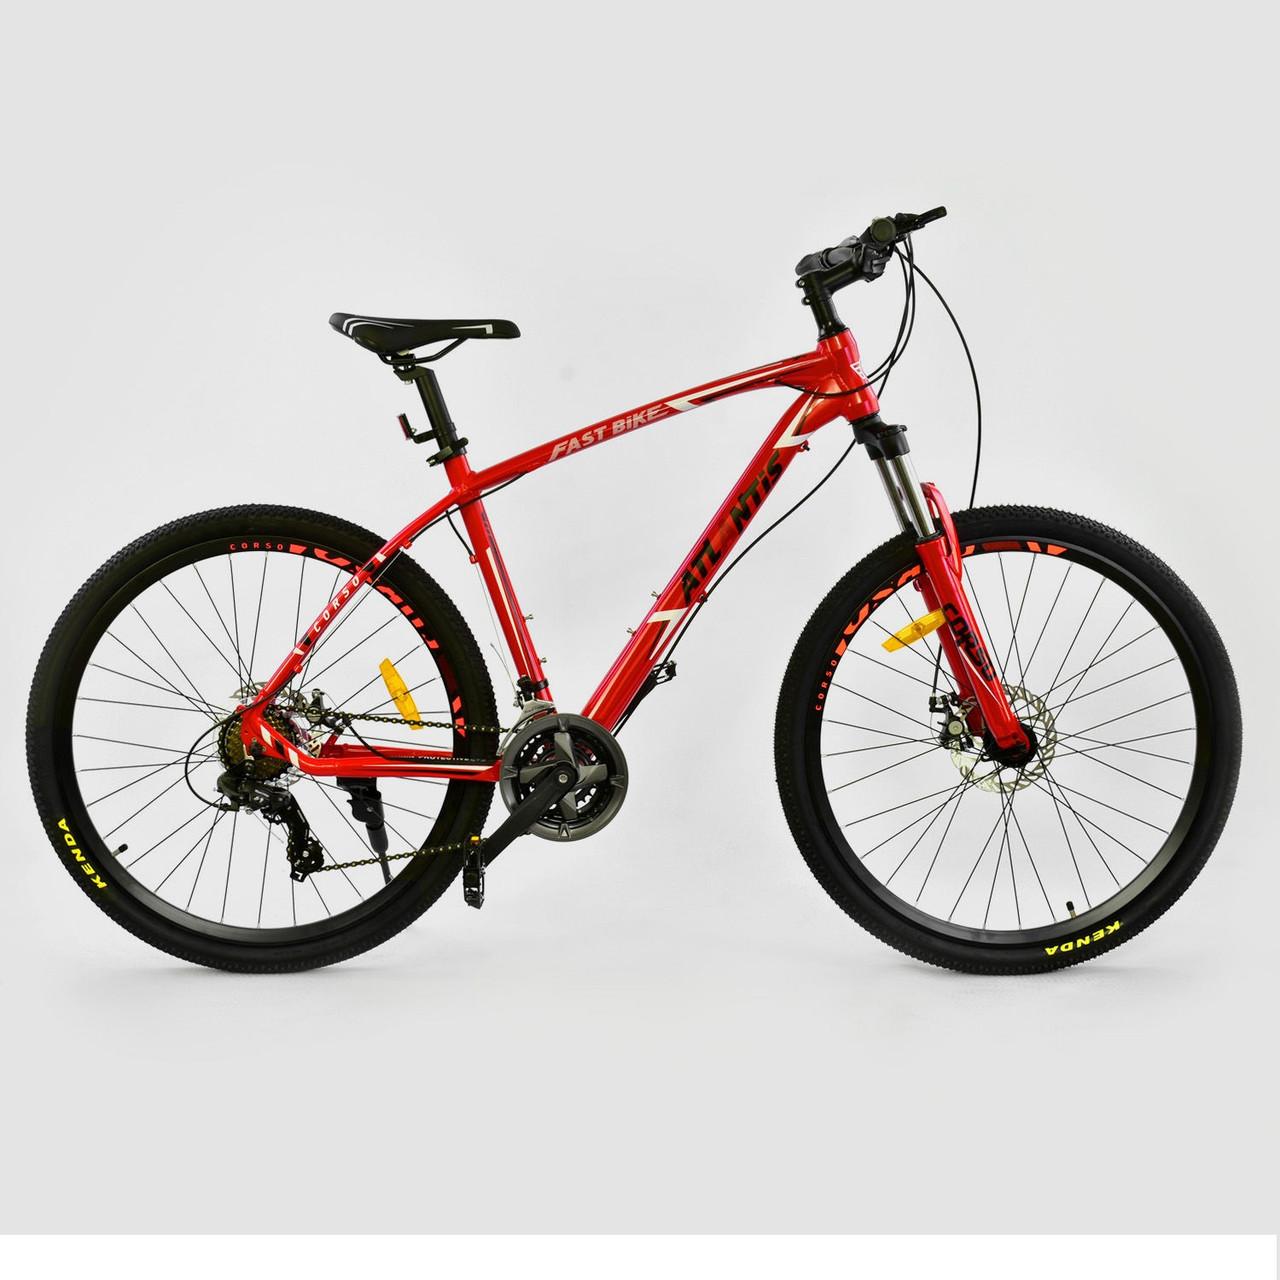 """Велосипед спортивный CORSO ATLANTIS 27,5""""дюйма JYT 008 - 7201 красный"""